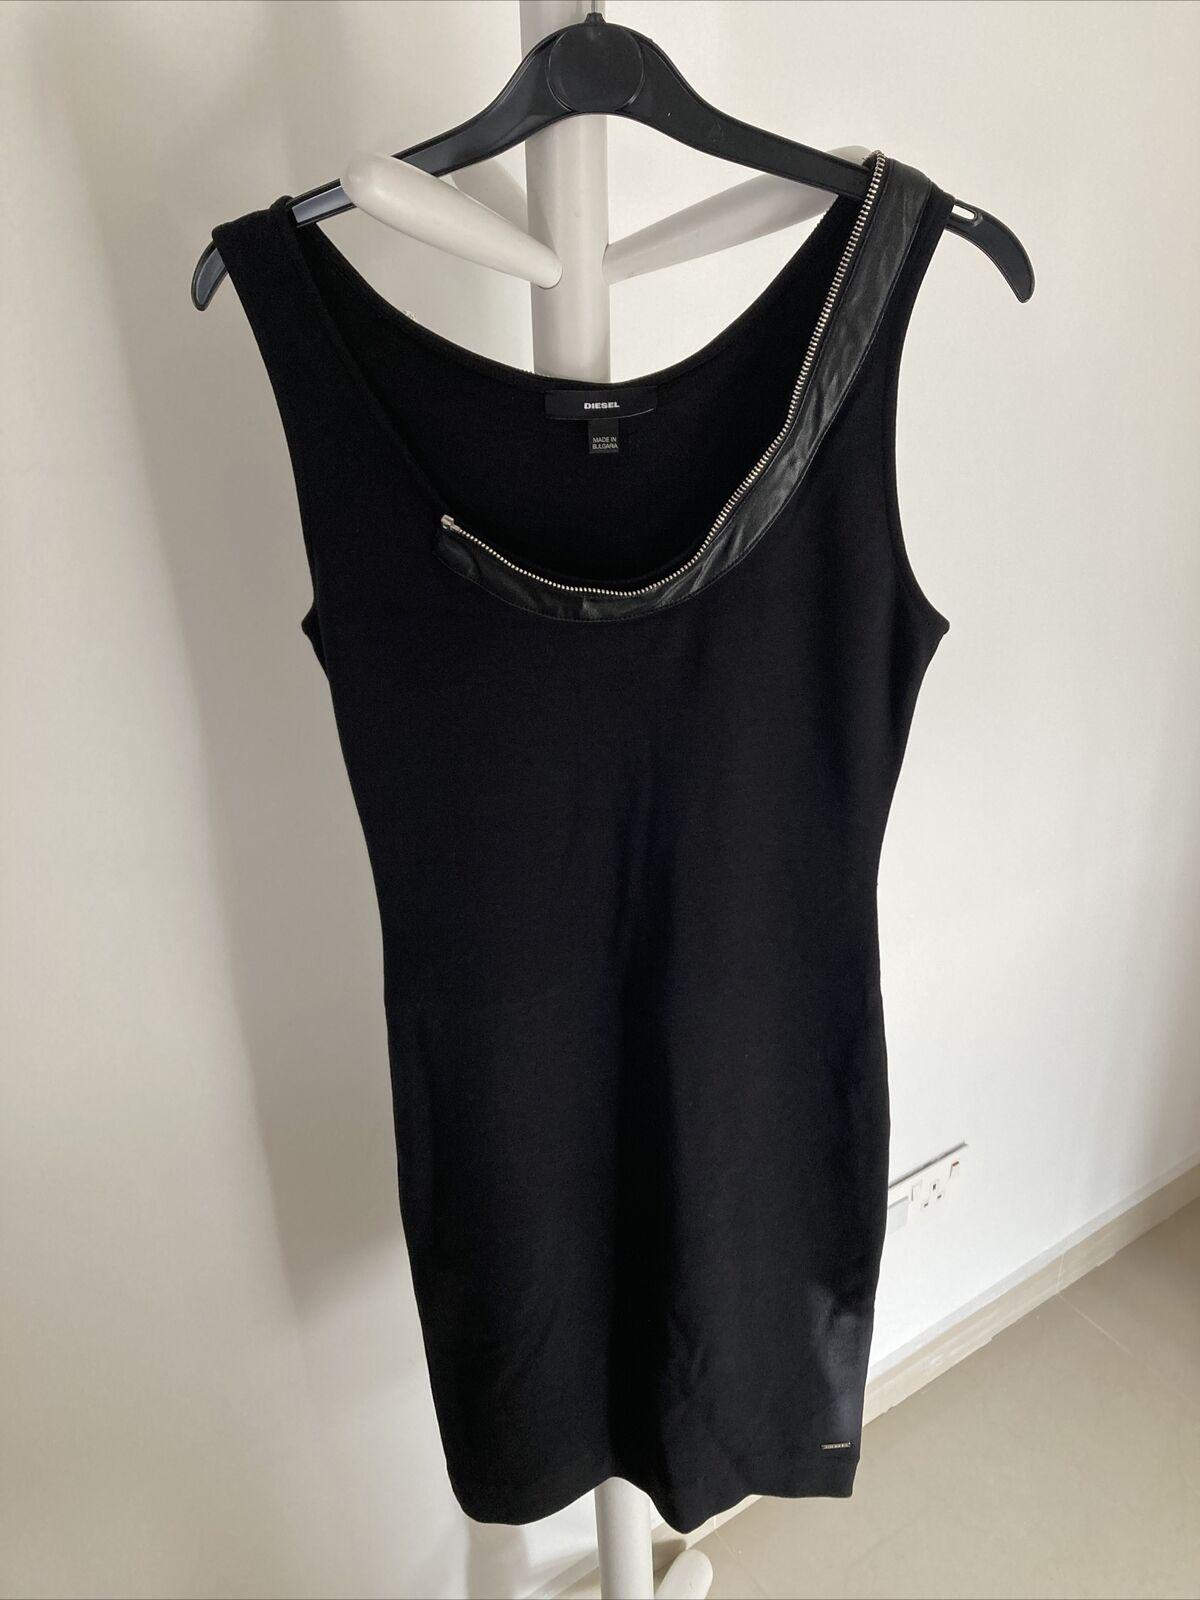 NEU Diesel Kleid Party Schwarz S